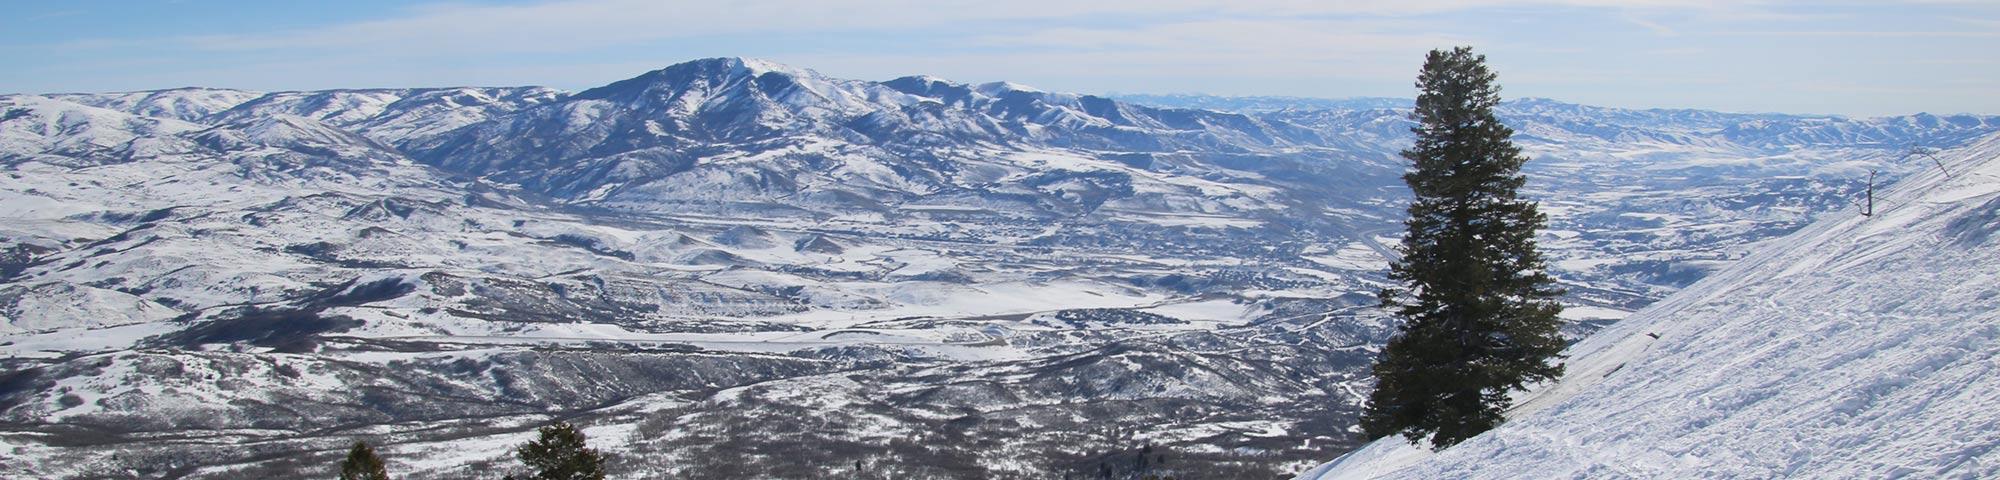 the 7 best utah ski resorts - updated 2018/19 - snowpak